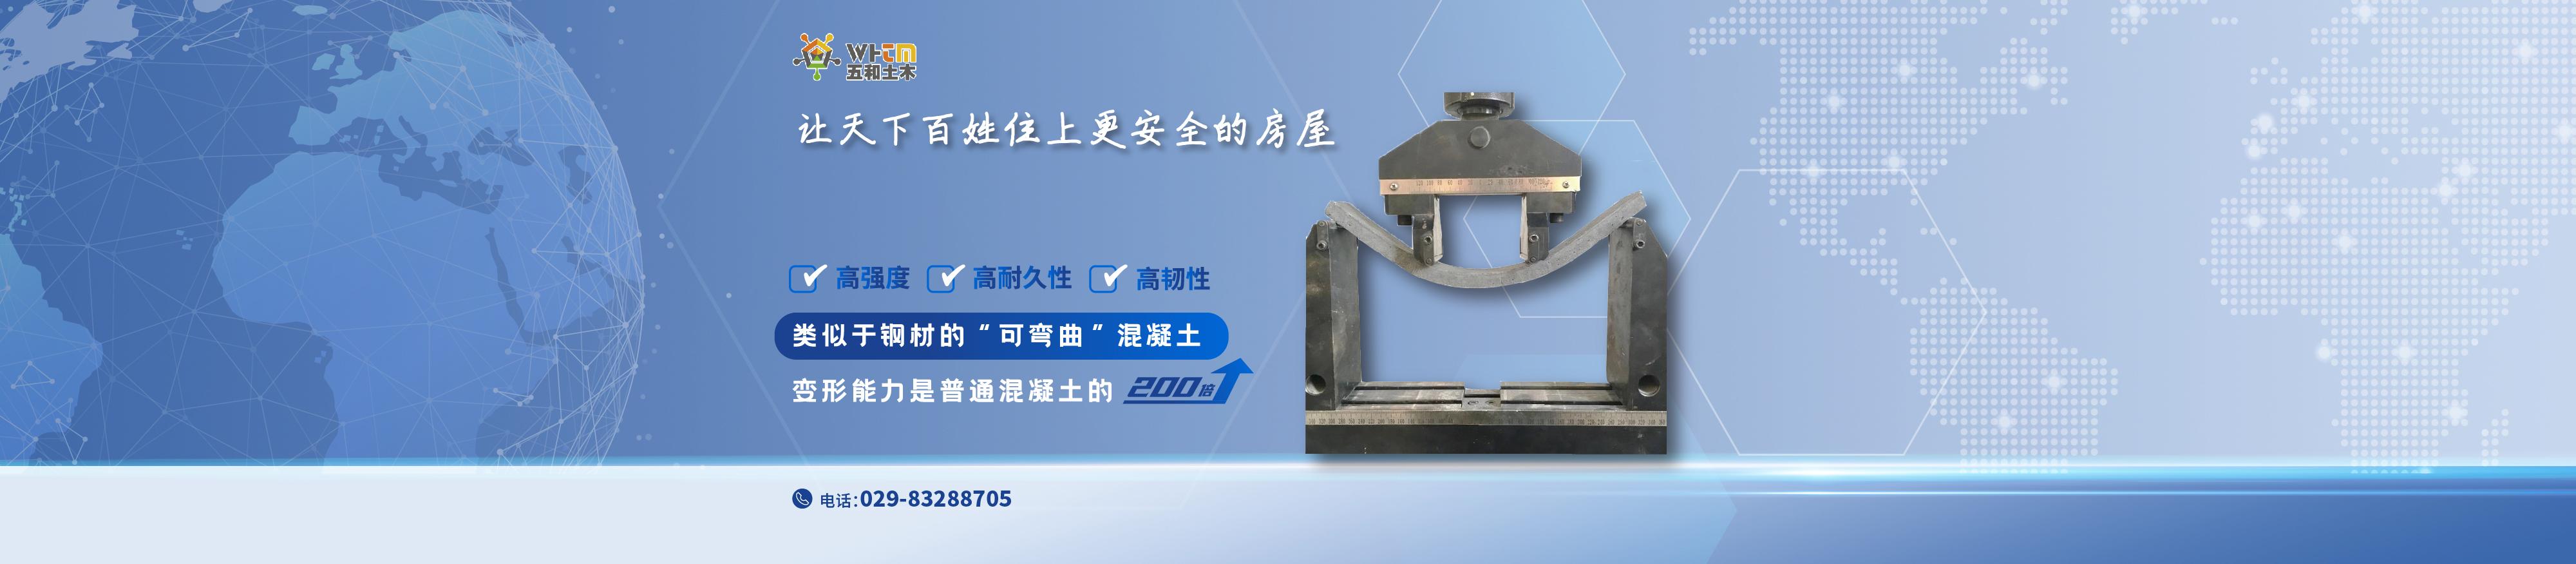 西安五和土木工程新材料有限公司